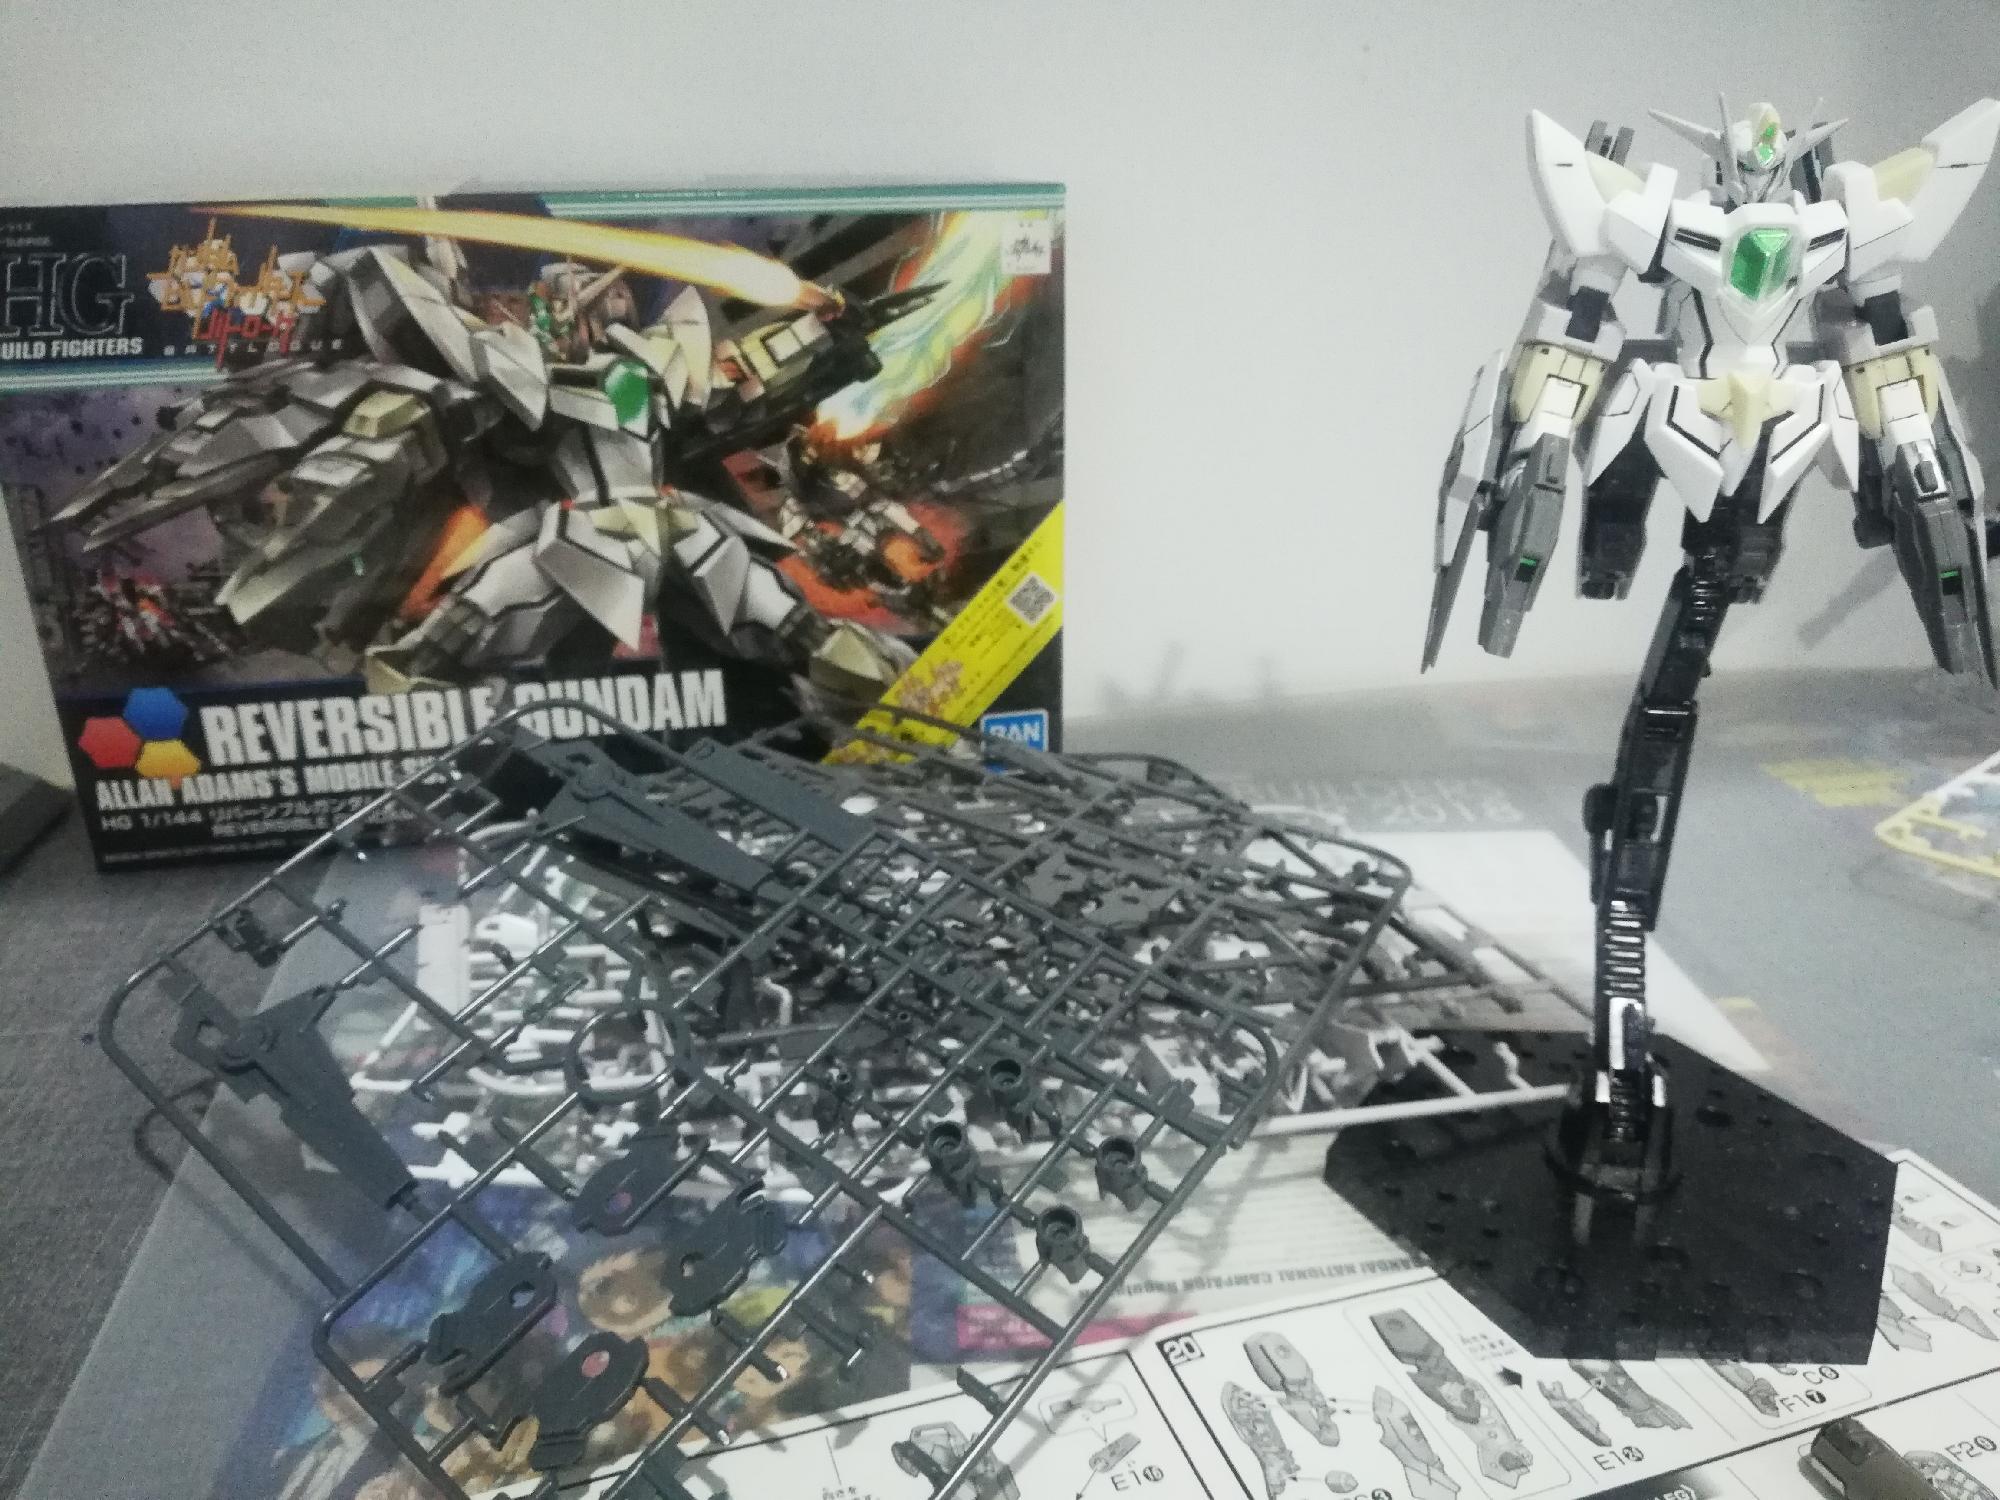 New W.I.P HG Reversible Gundam